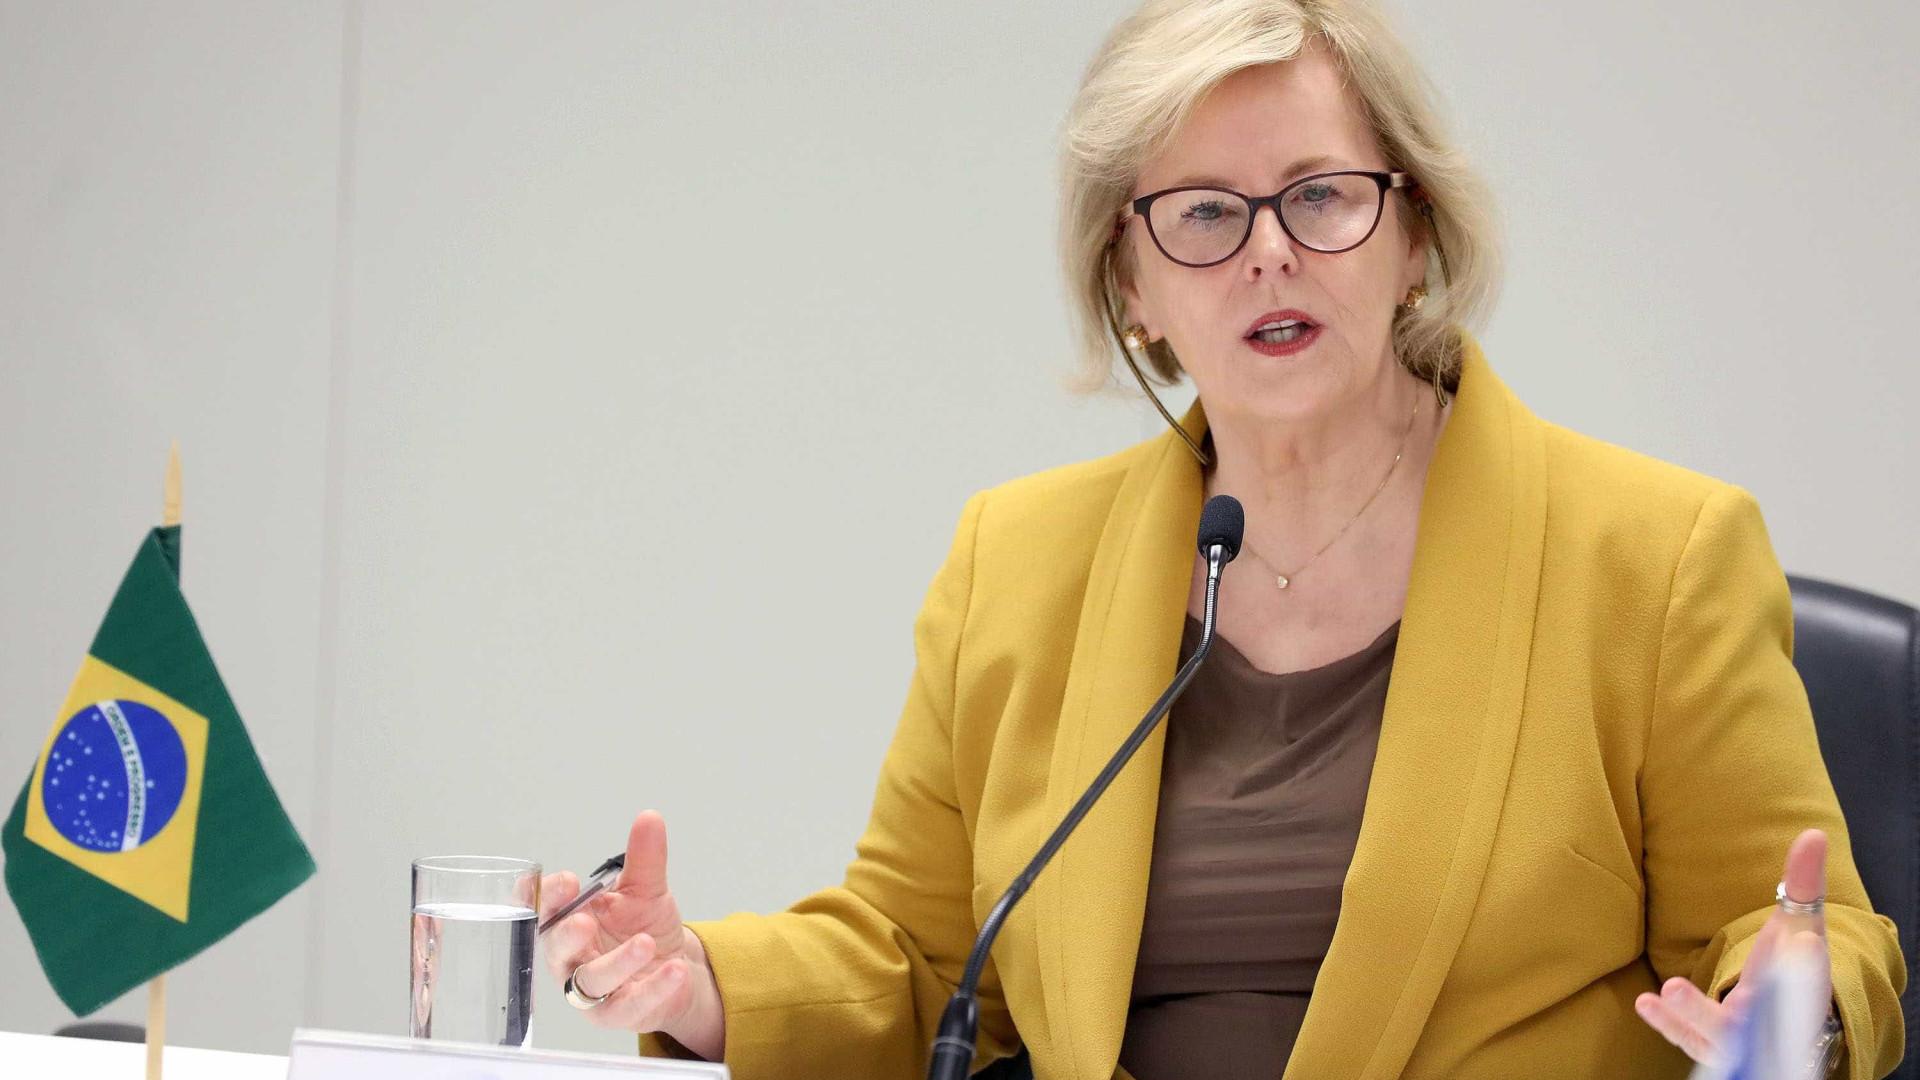 Ações contra candidaturasterão julgamento célere, diz Rosa Weber